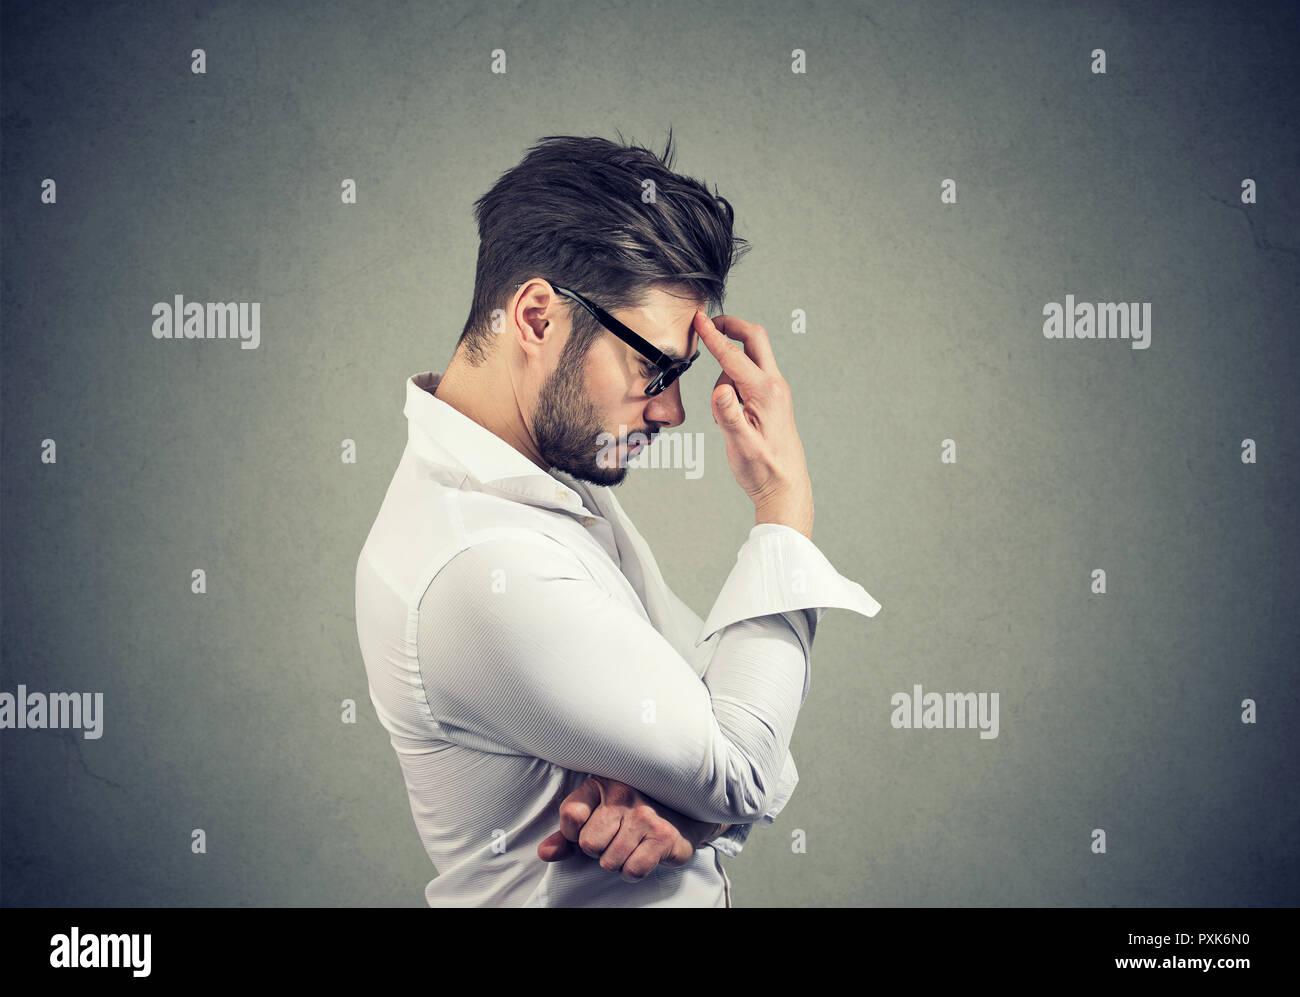 Vista laterale di uomo barbuto in bicchieri e camicia bianca toccando la fronte essendo in depressione e piena di pensieri Immagini Stock